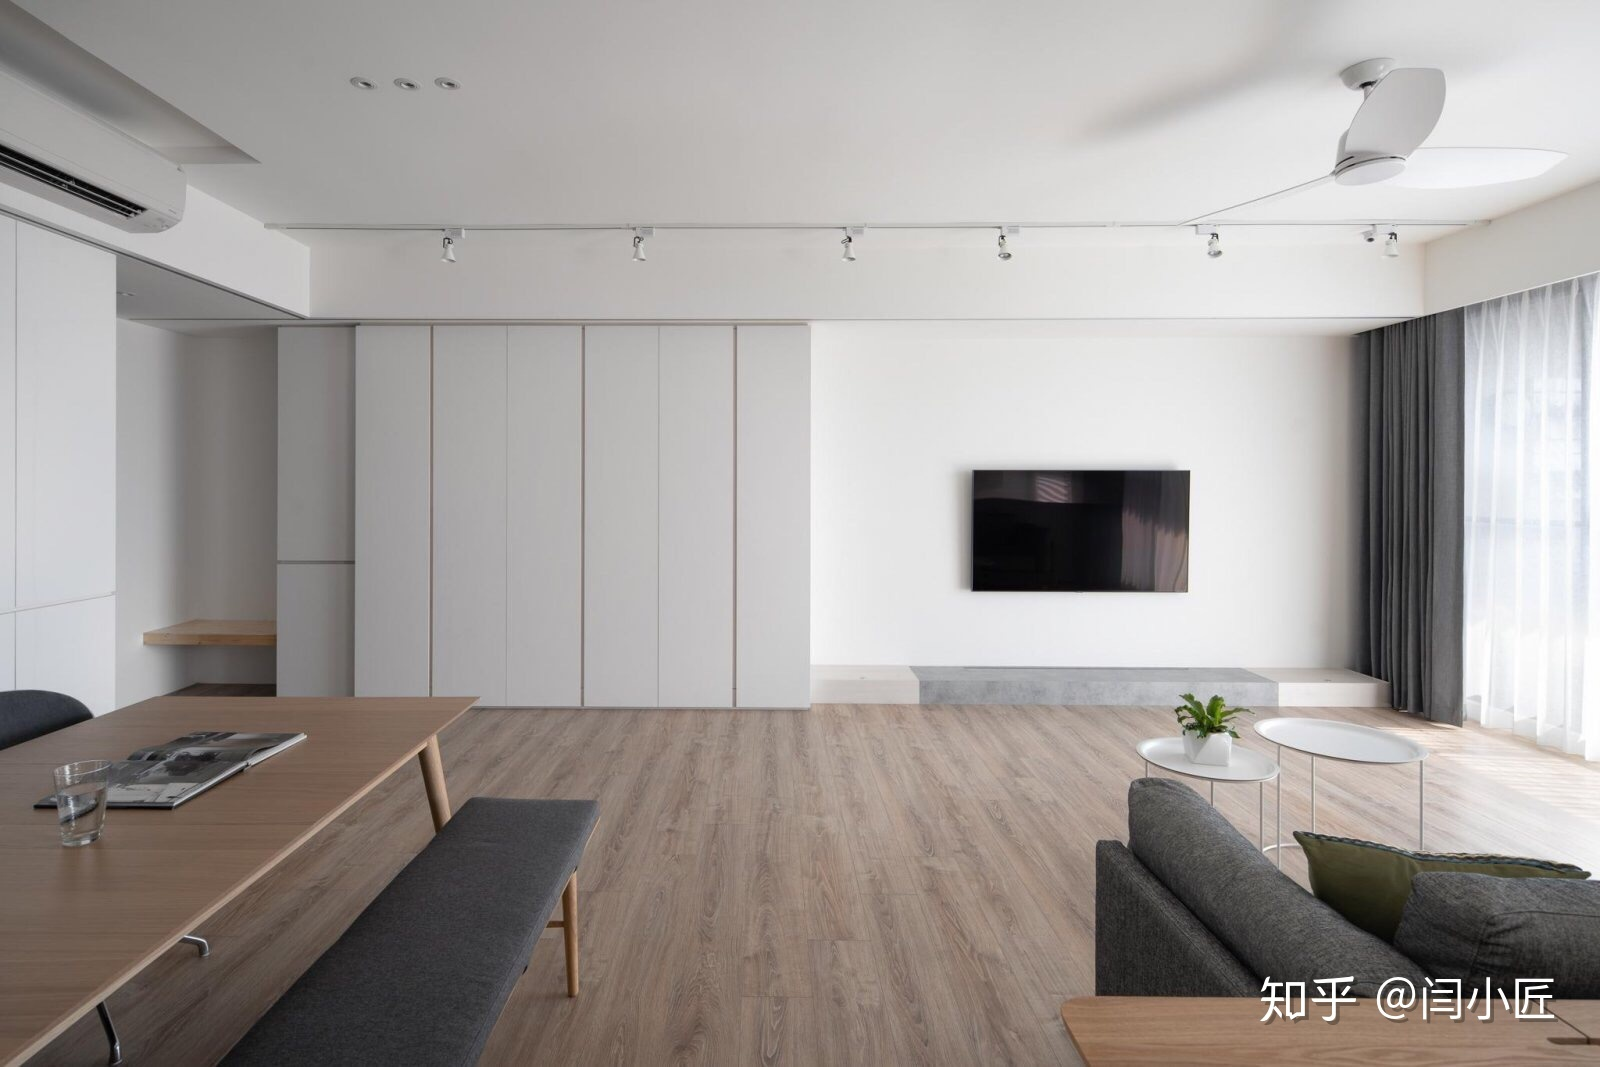 看色_地板颜色怎样搭配家居比较好看? - 知乎